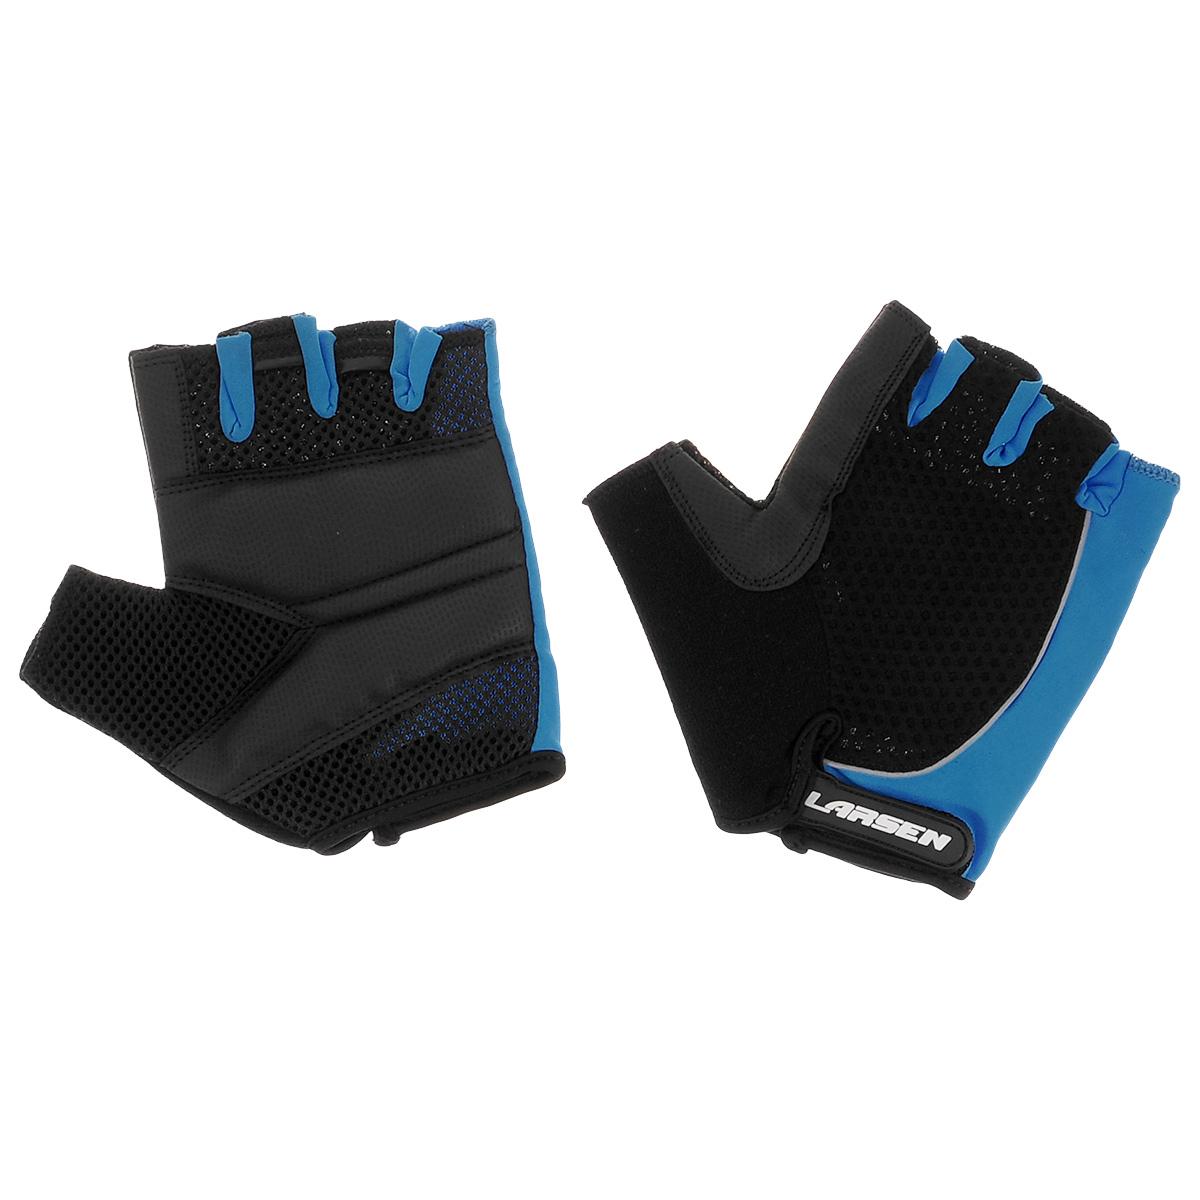 Велоперчатки Larsen, цвет: черный, синий. Размер XL01-1232Велоперчатки Larsen выполнены из высококачественного нейлона и амары. Ладони оснащены накладкой из полиуретана для повышенного сцепления и системой Pull Off на пальцах. Застежка Velcro надежно фиксирует перчатки на руке. Сетка способствует хорошей вентиляции.